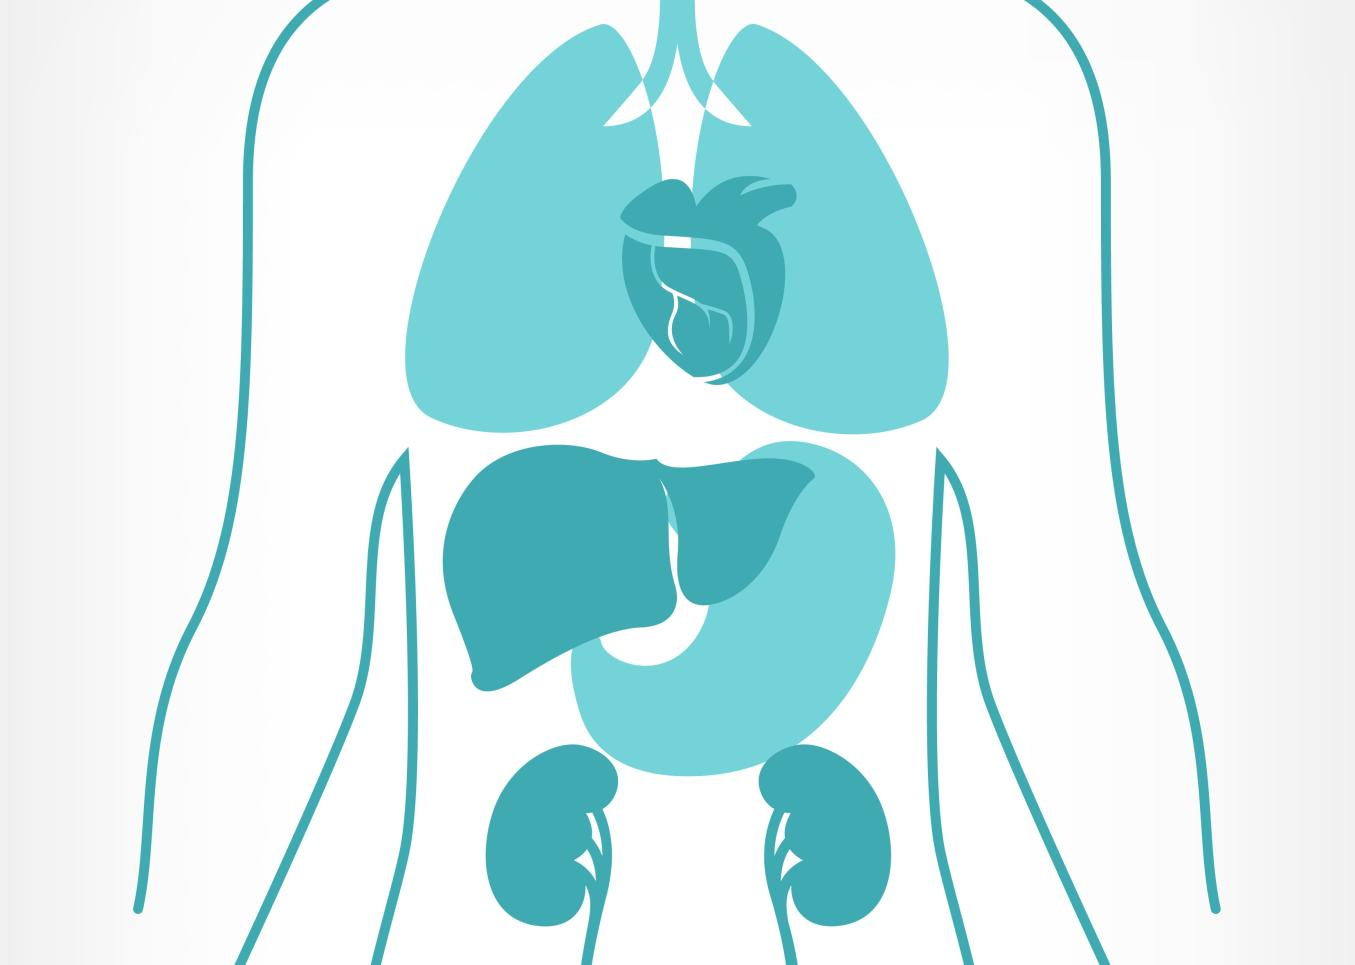 Piirroskuva, jossa on havainnollistettu ihmisen sisäelimiä ja niiden sijaintia ylävartalossa.